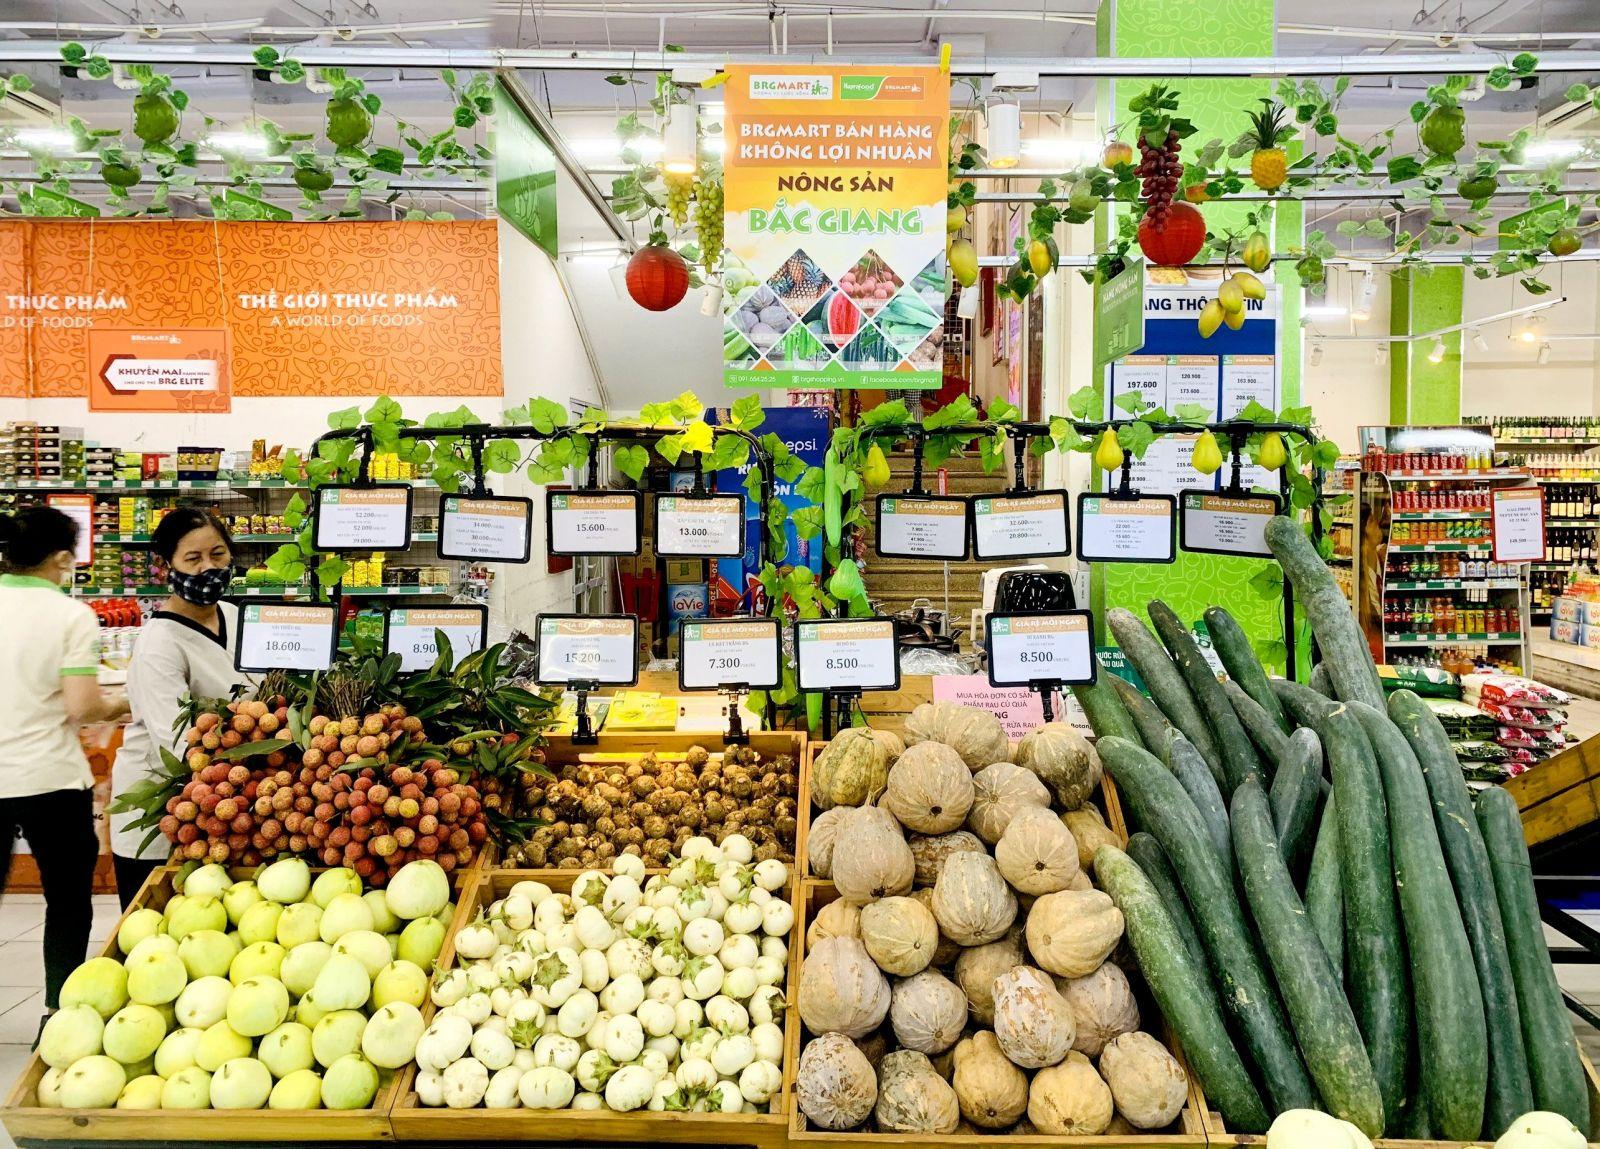 BRGMart bán hàng không lợi nhuận, hỗ trợ tiêu thụ nông sản Bắc Giang